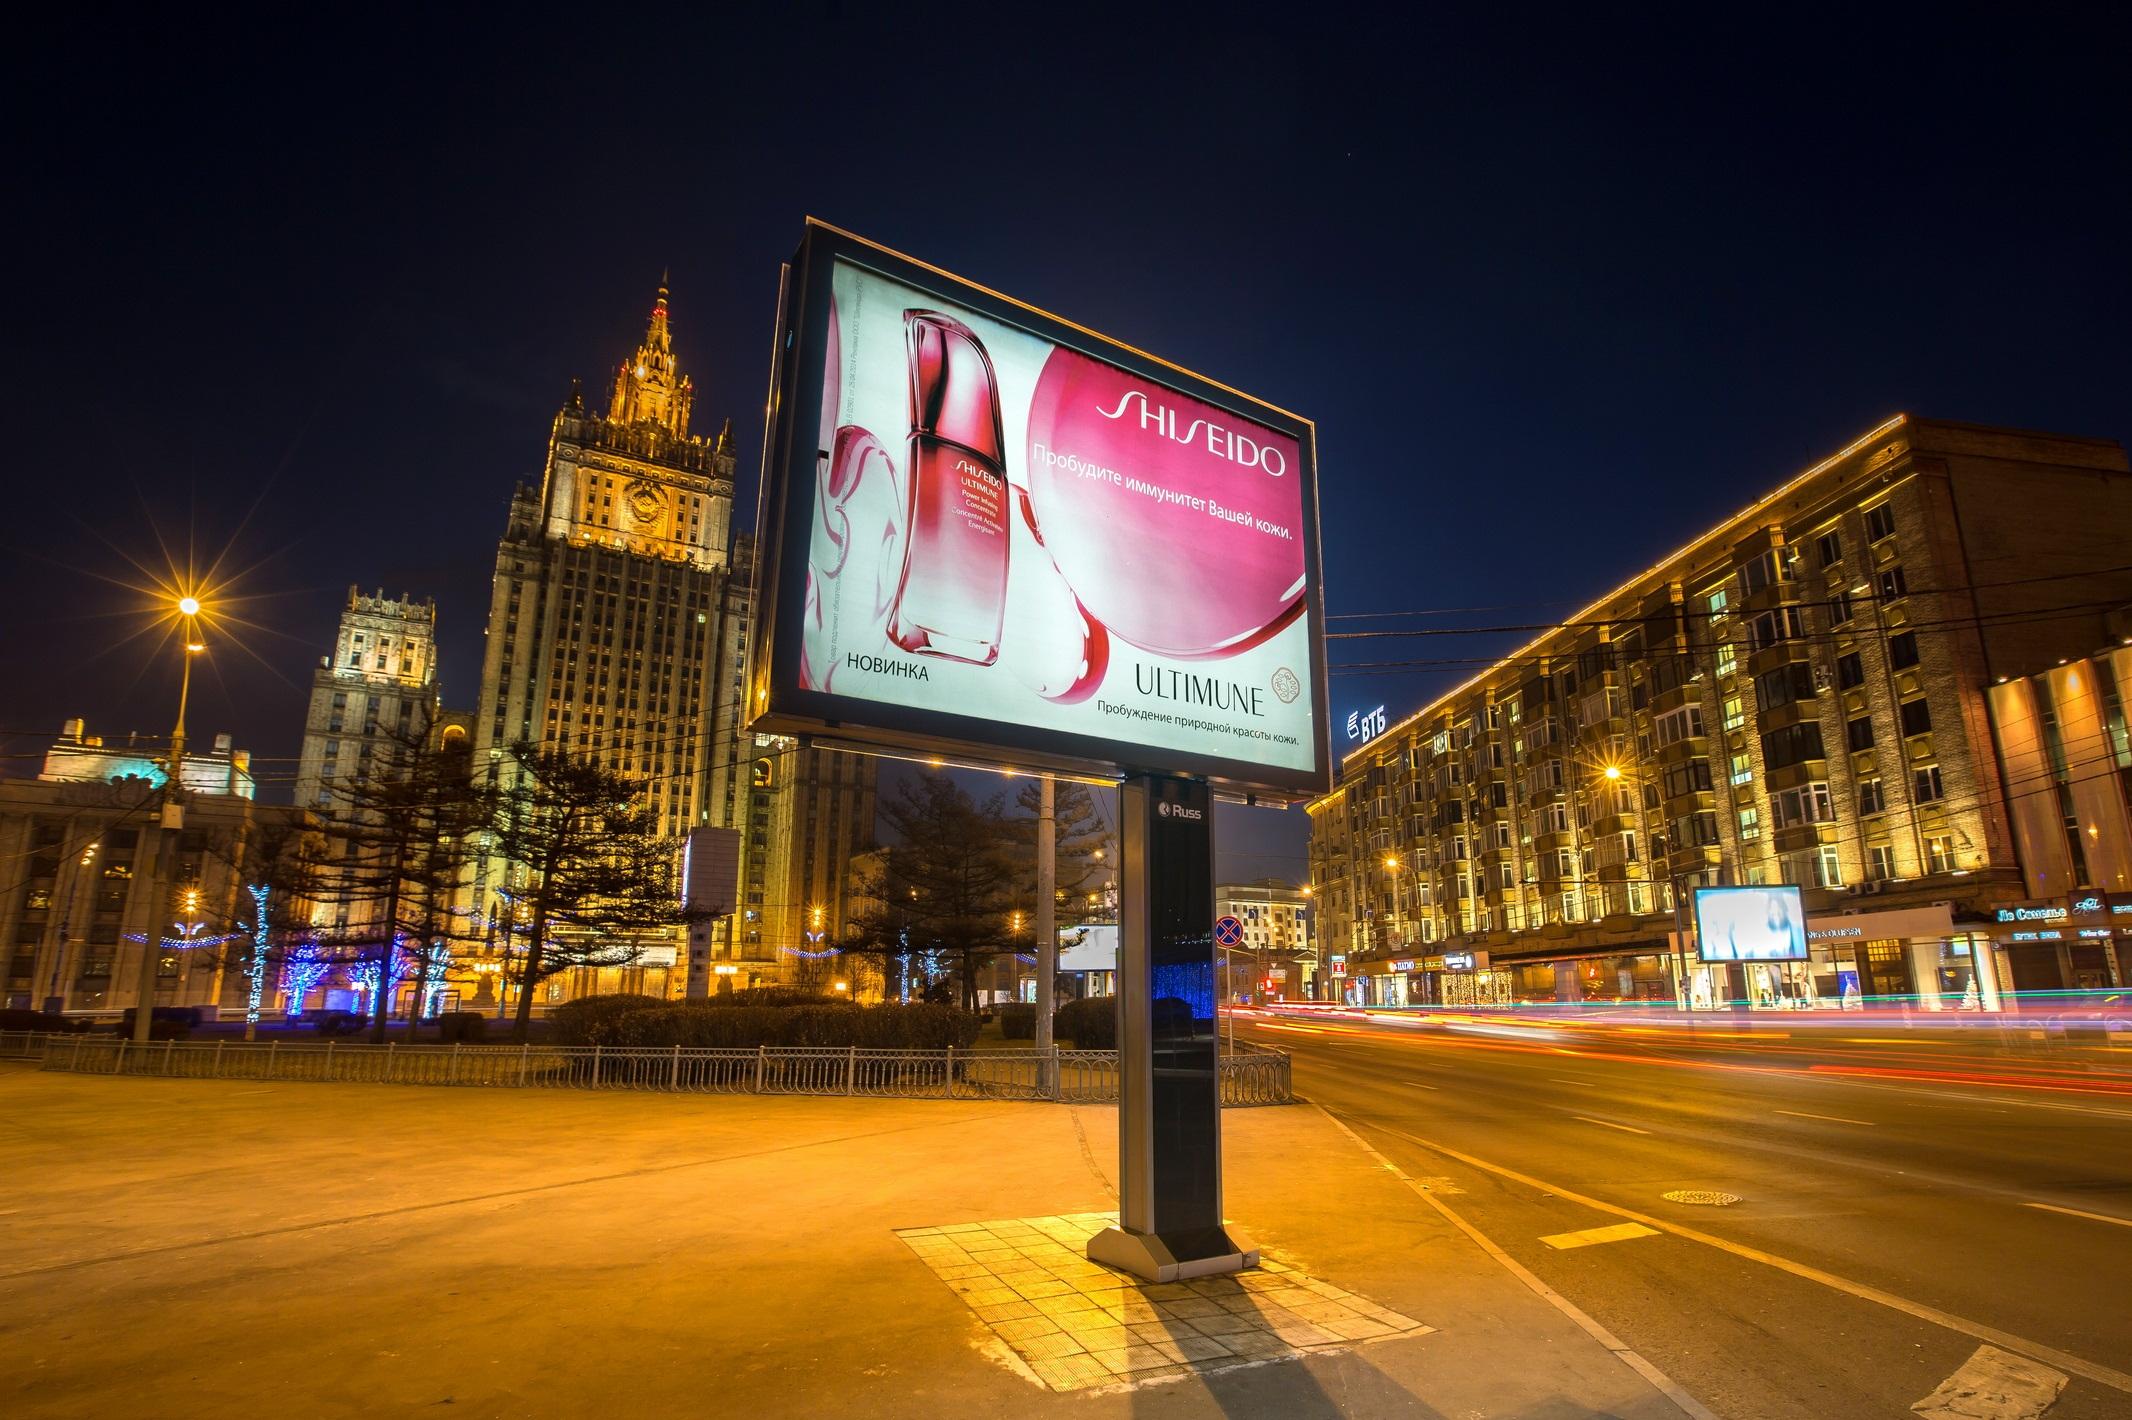 световые панели для наружной рекламы